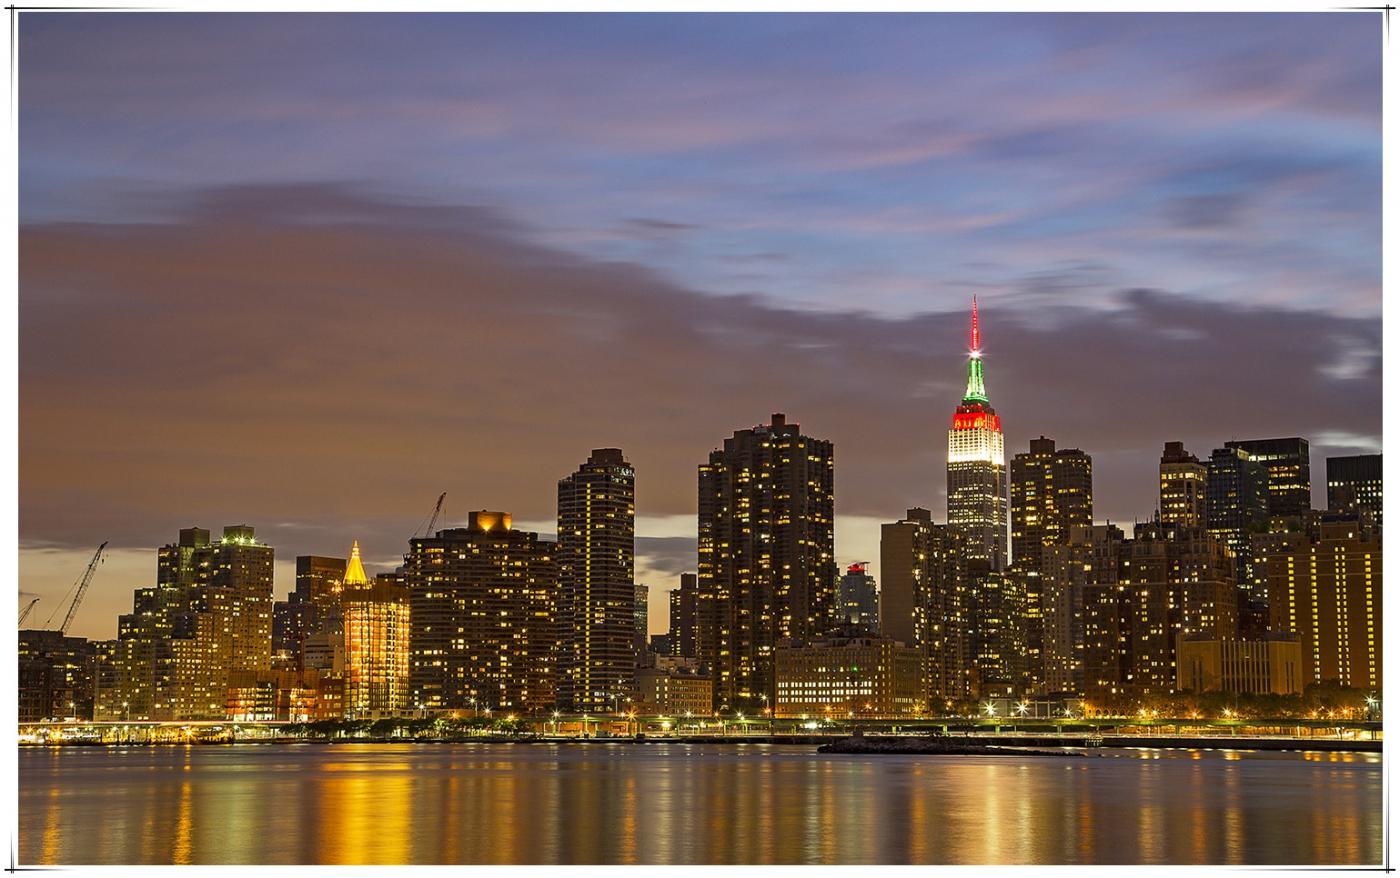 帝国大厦放彩灯庆祝第二十五届纽约香港龙舟节_图1-1